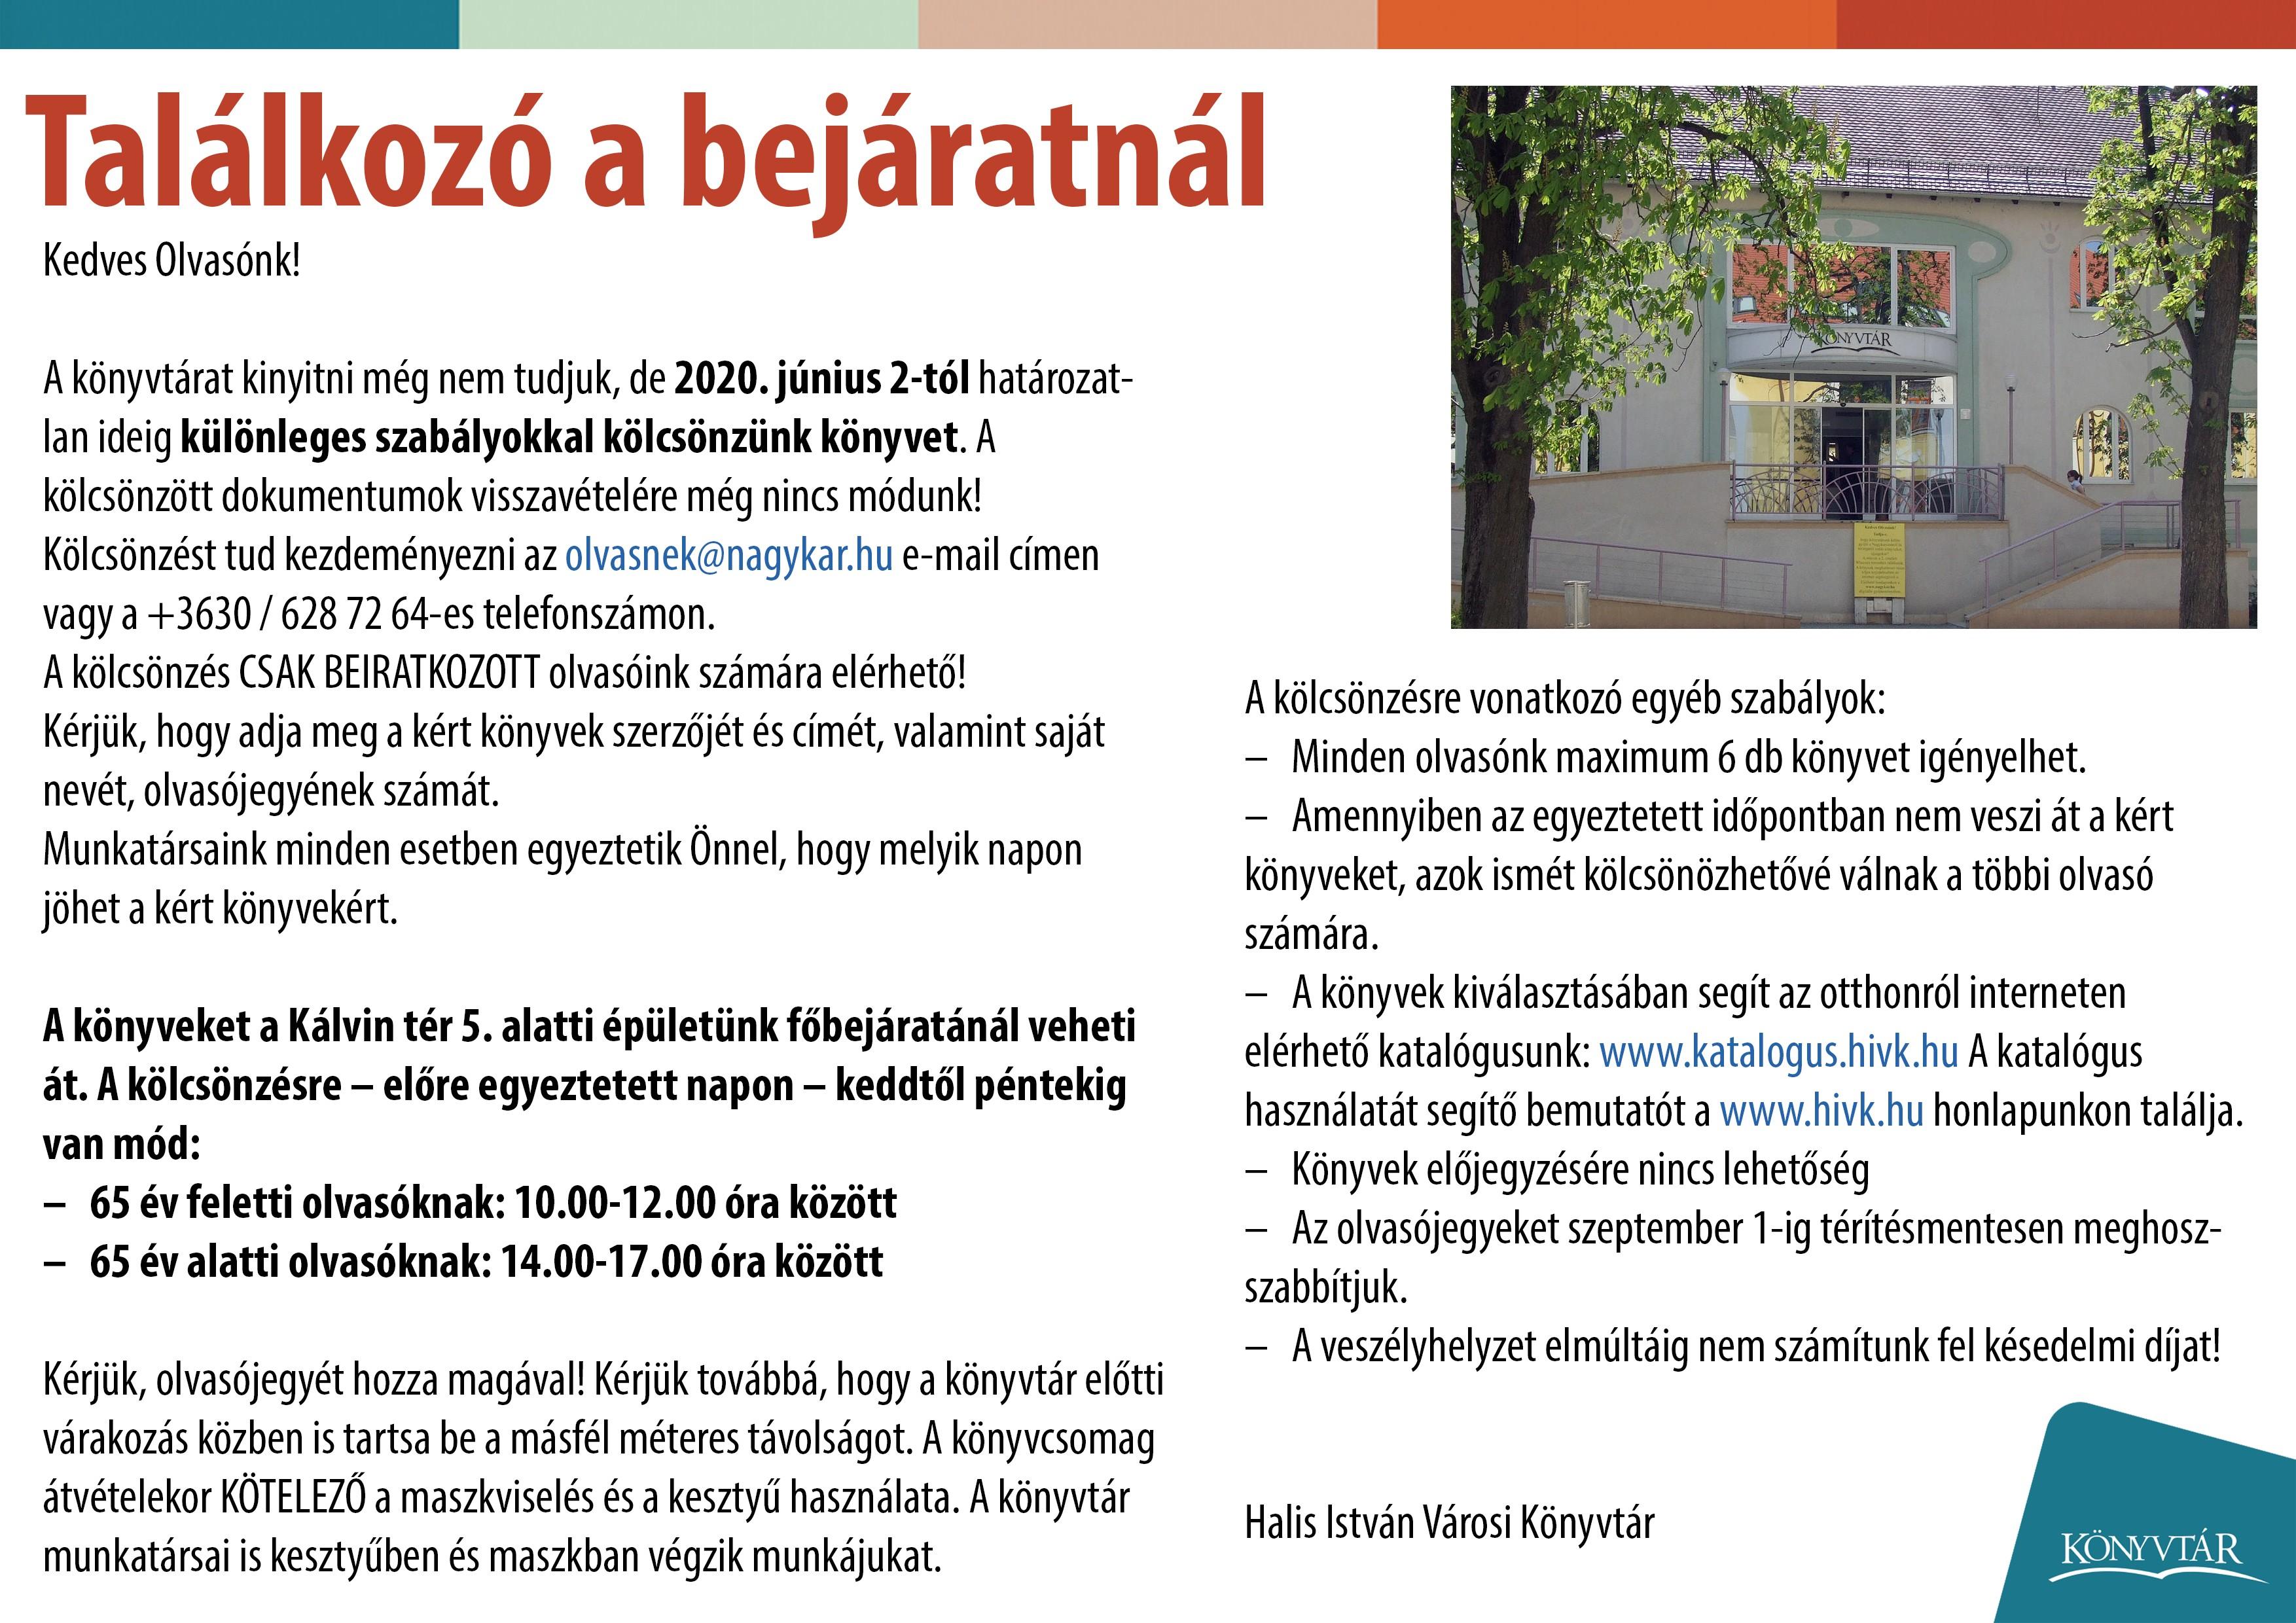 http://www.nagykar.hu/images/hirlevel/561/rendkivulikolcsonzes.JPG